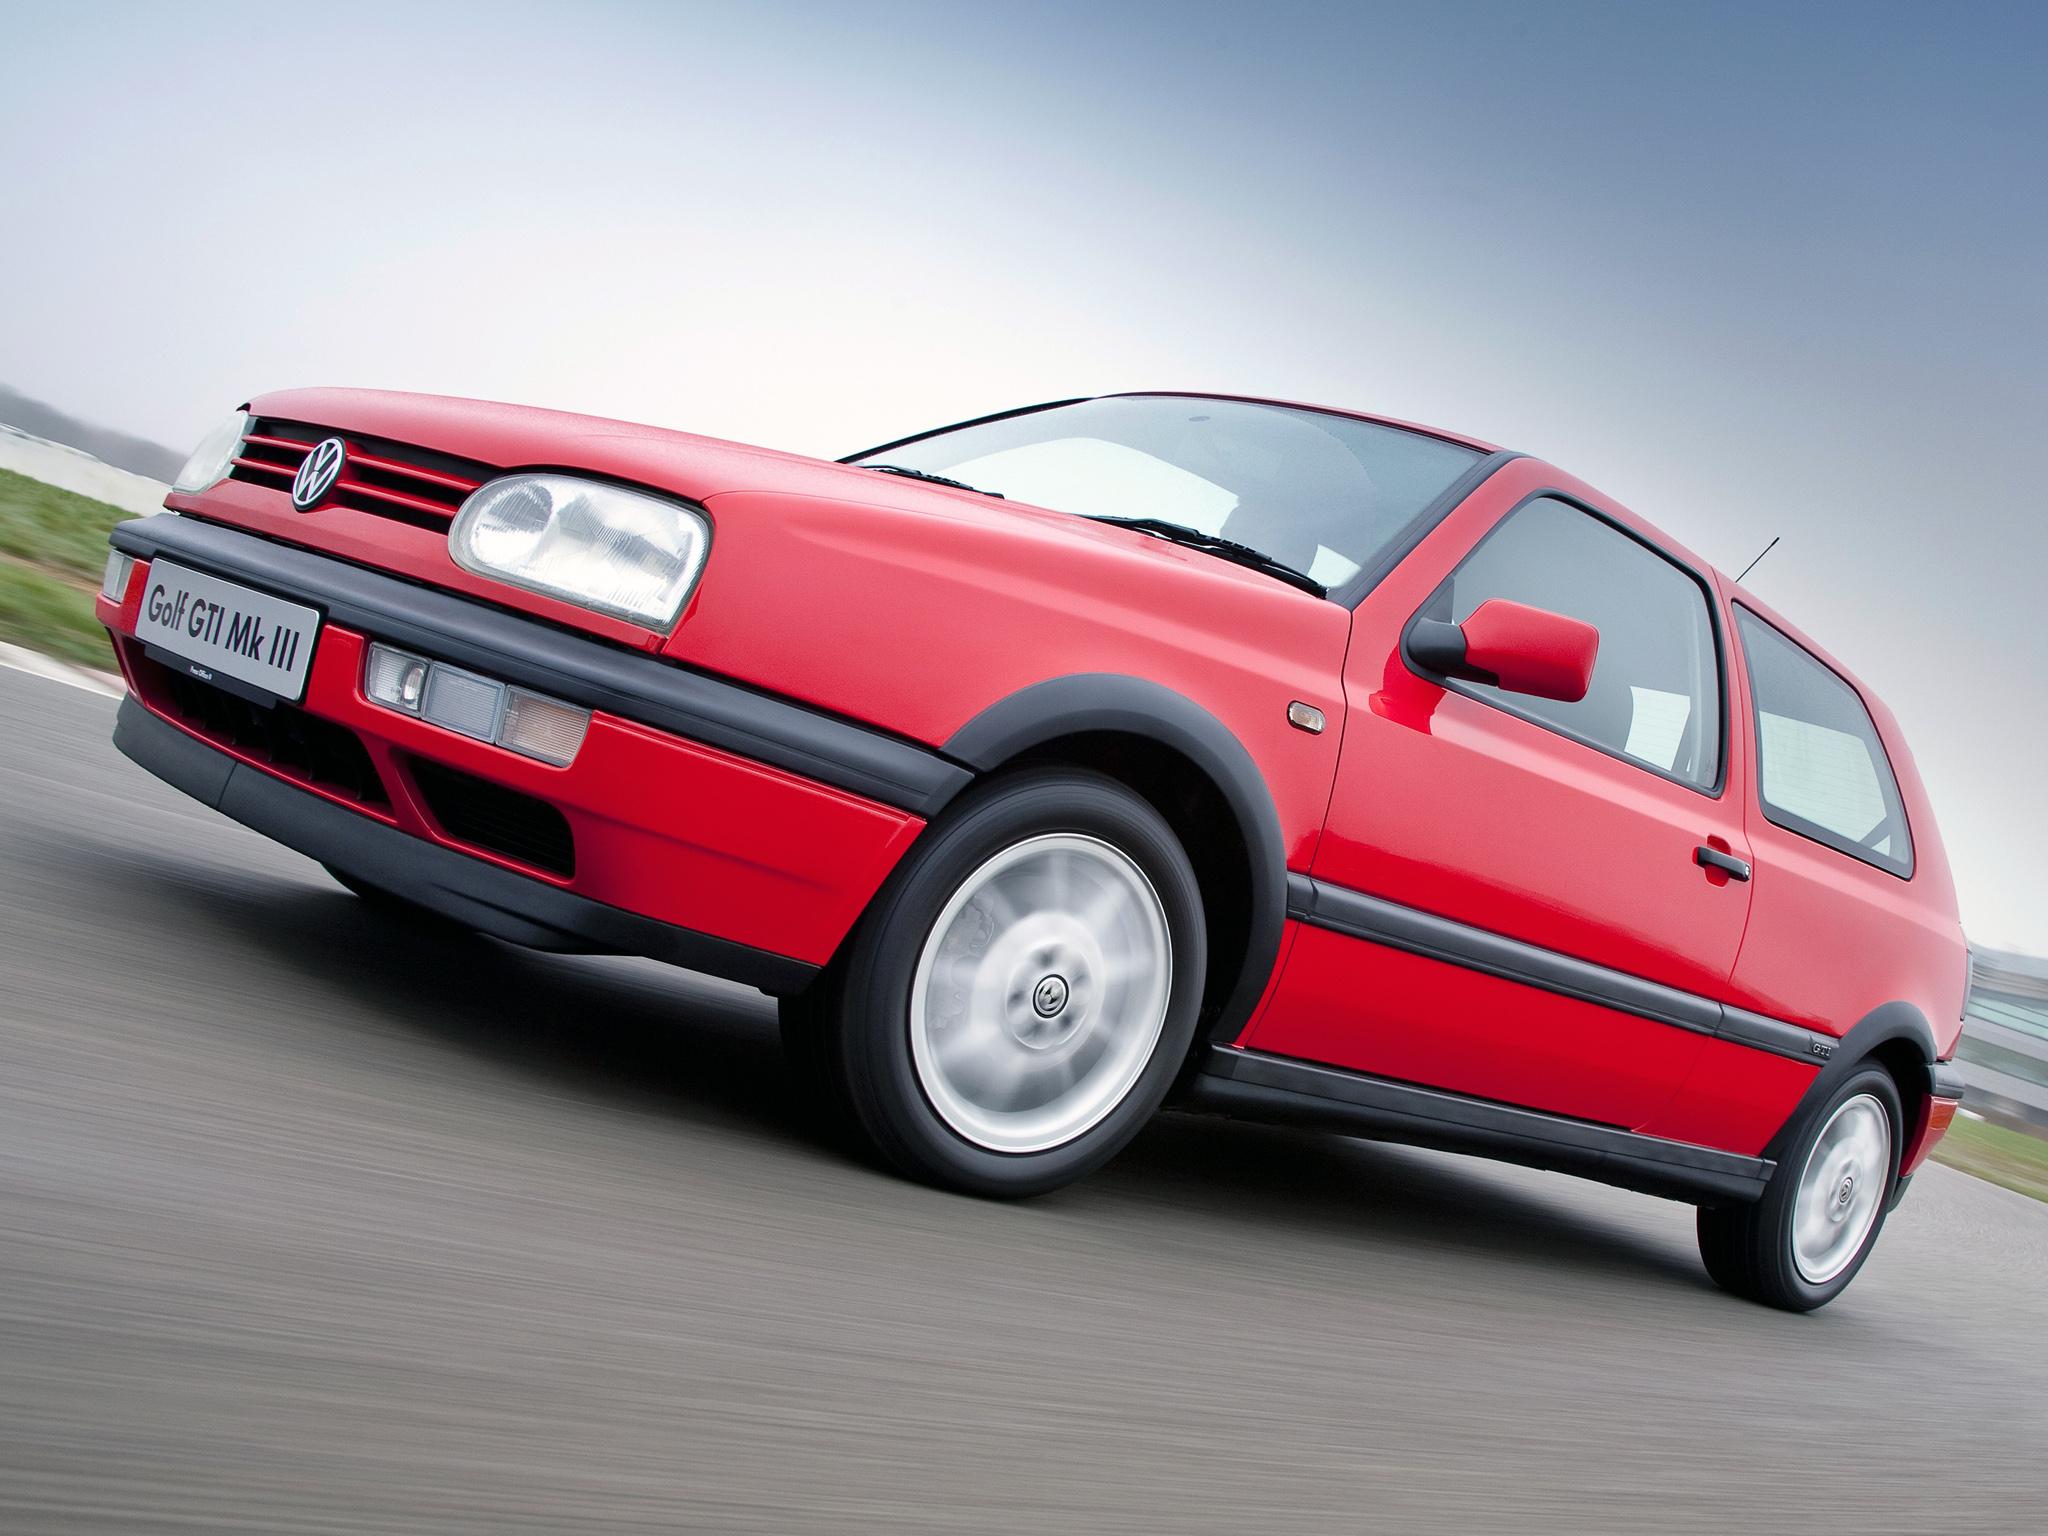 6ba5da7b3a1 Os carros que você precisa comprar antes que se tornem clássicos - e muito  mais caros - FlatOut!